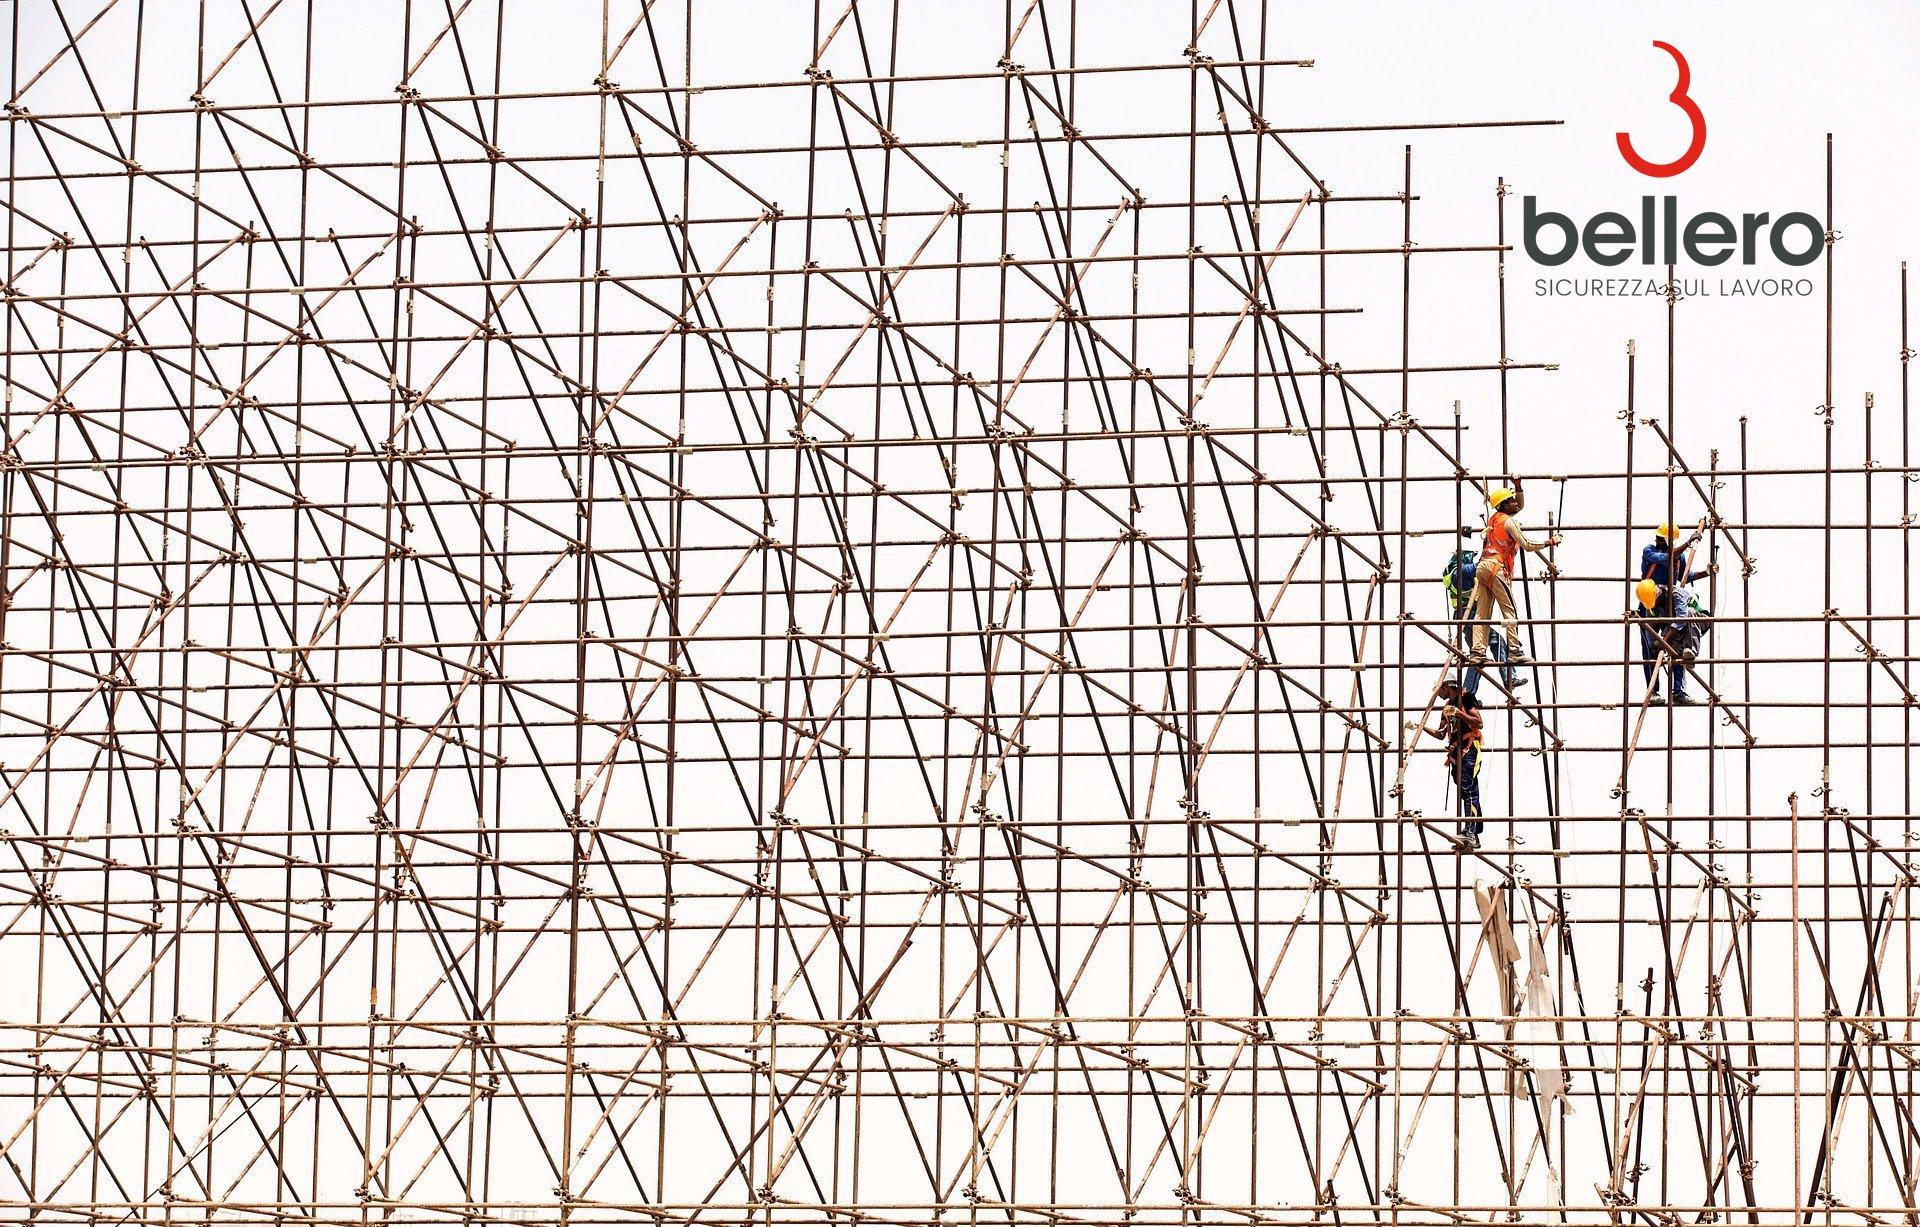 blog-scaffolding-1617969-1920